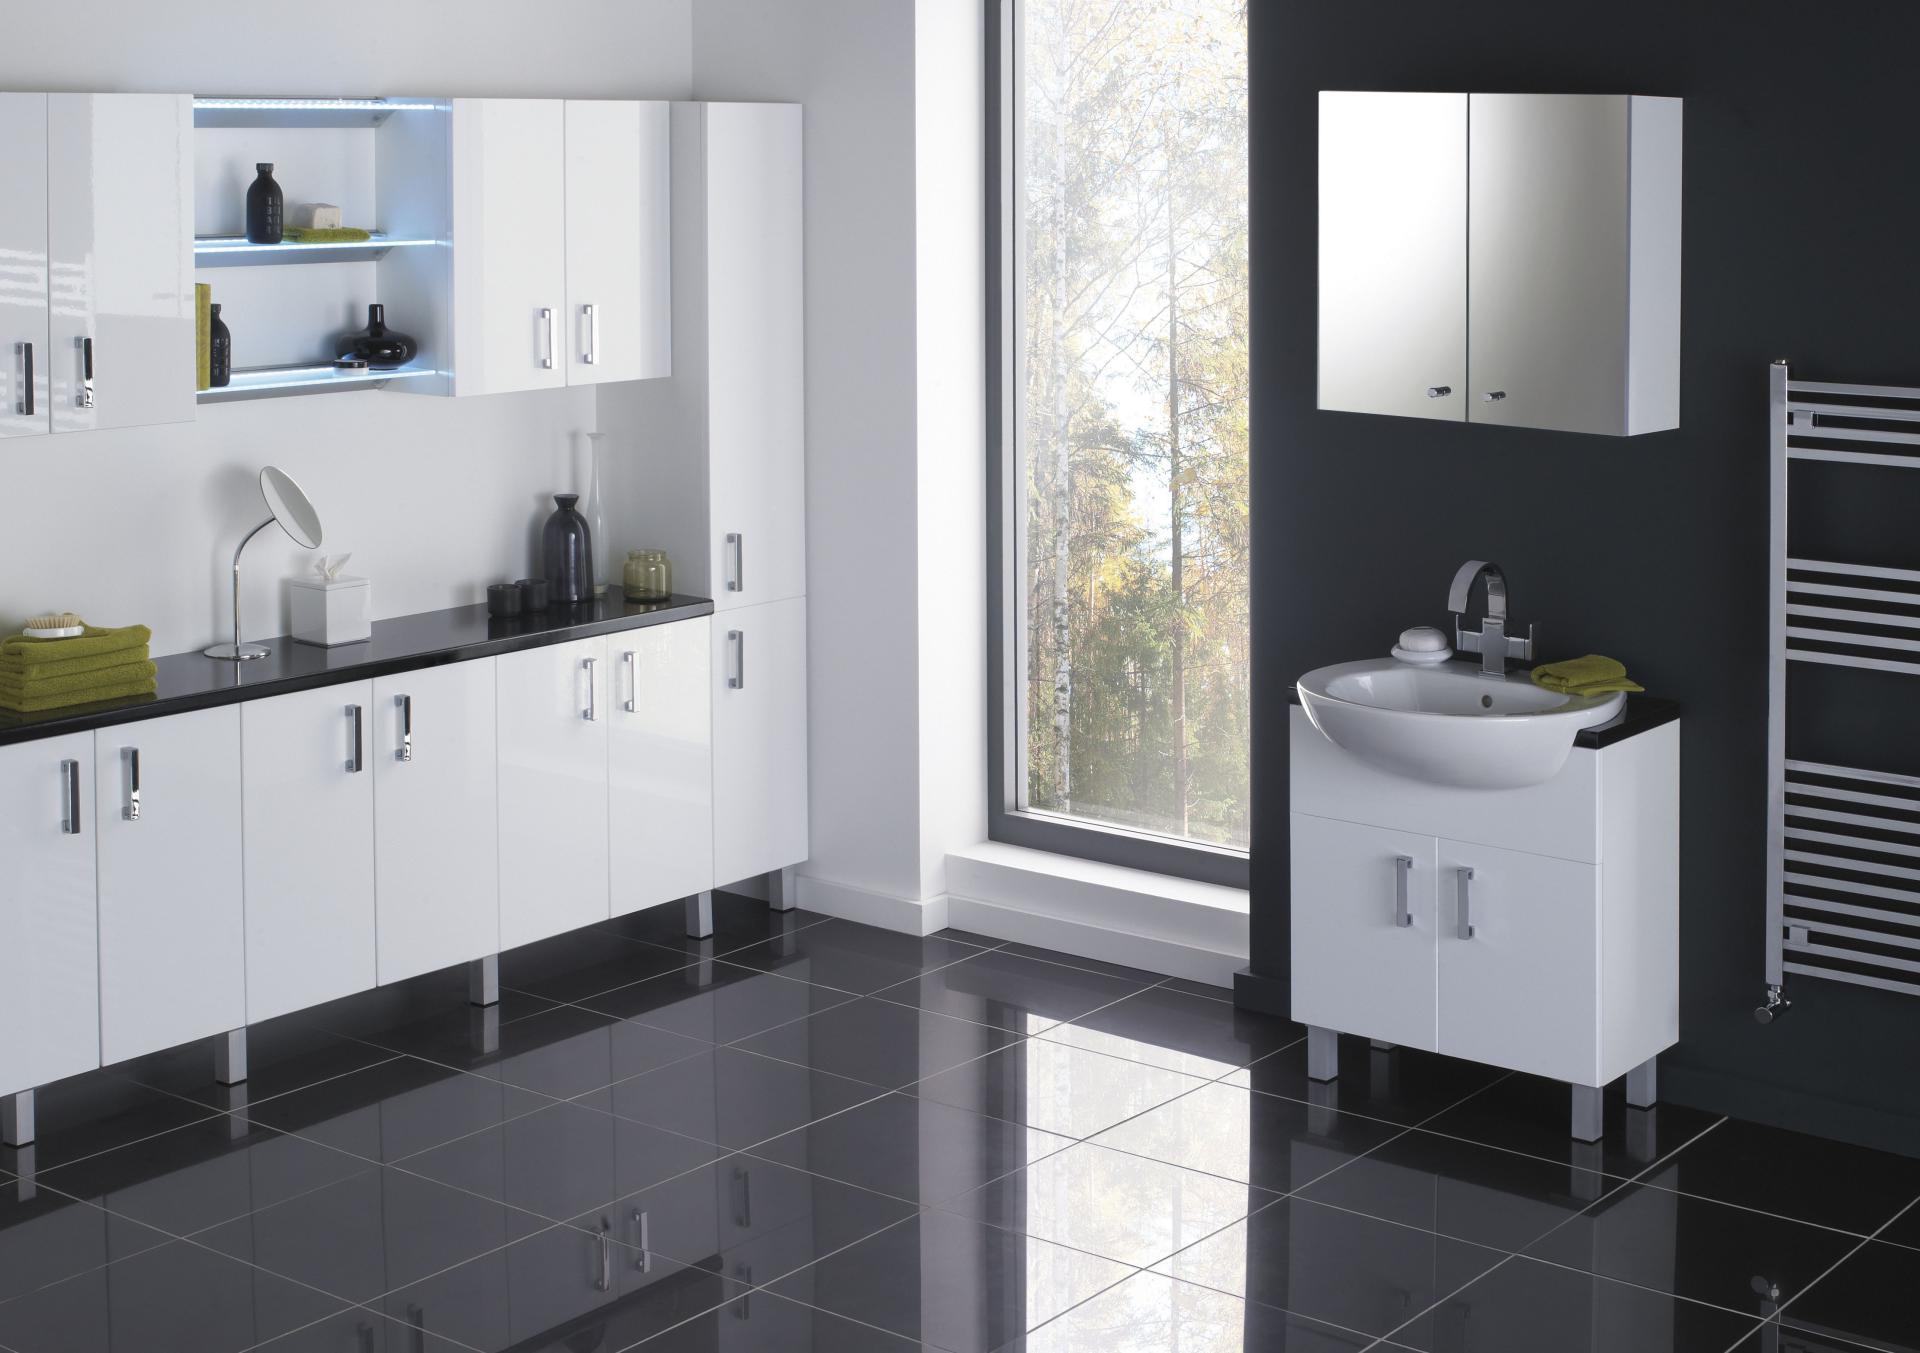 мебель ванных комнат в интерьере 50 фото дизайна мебели ванной